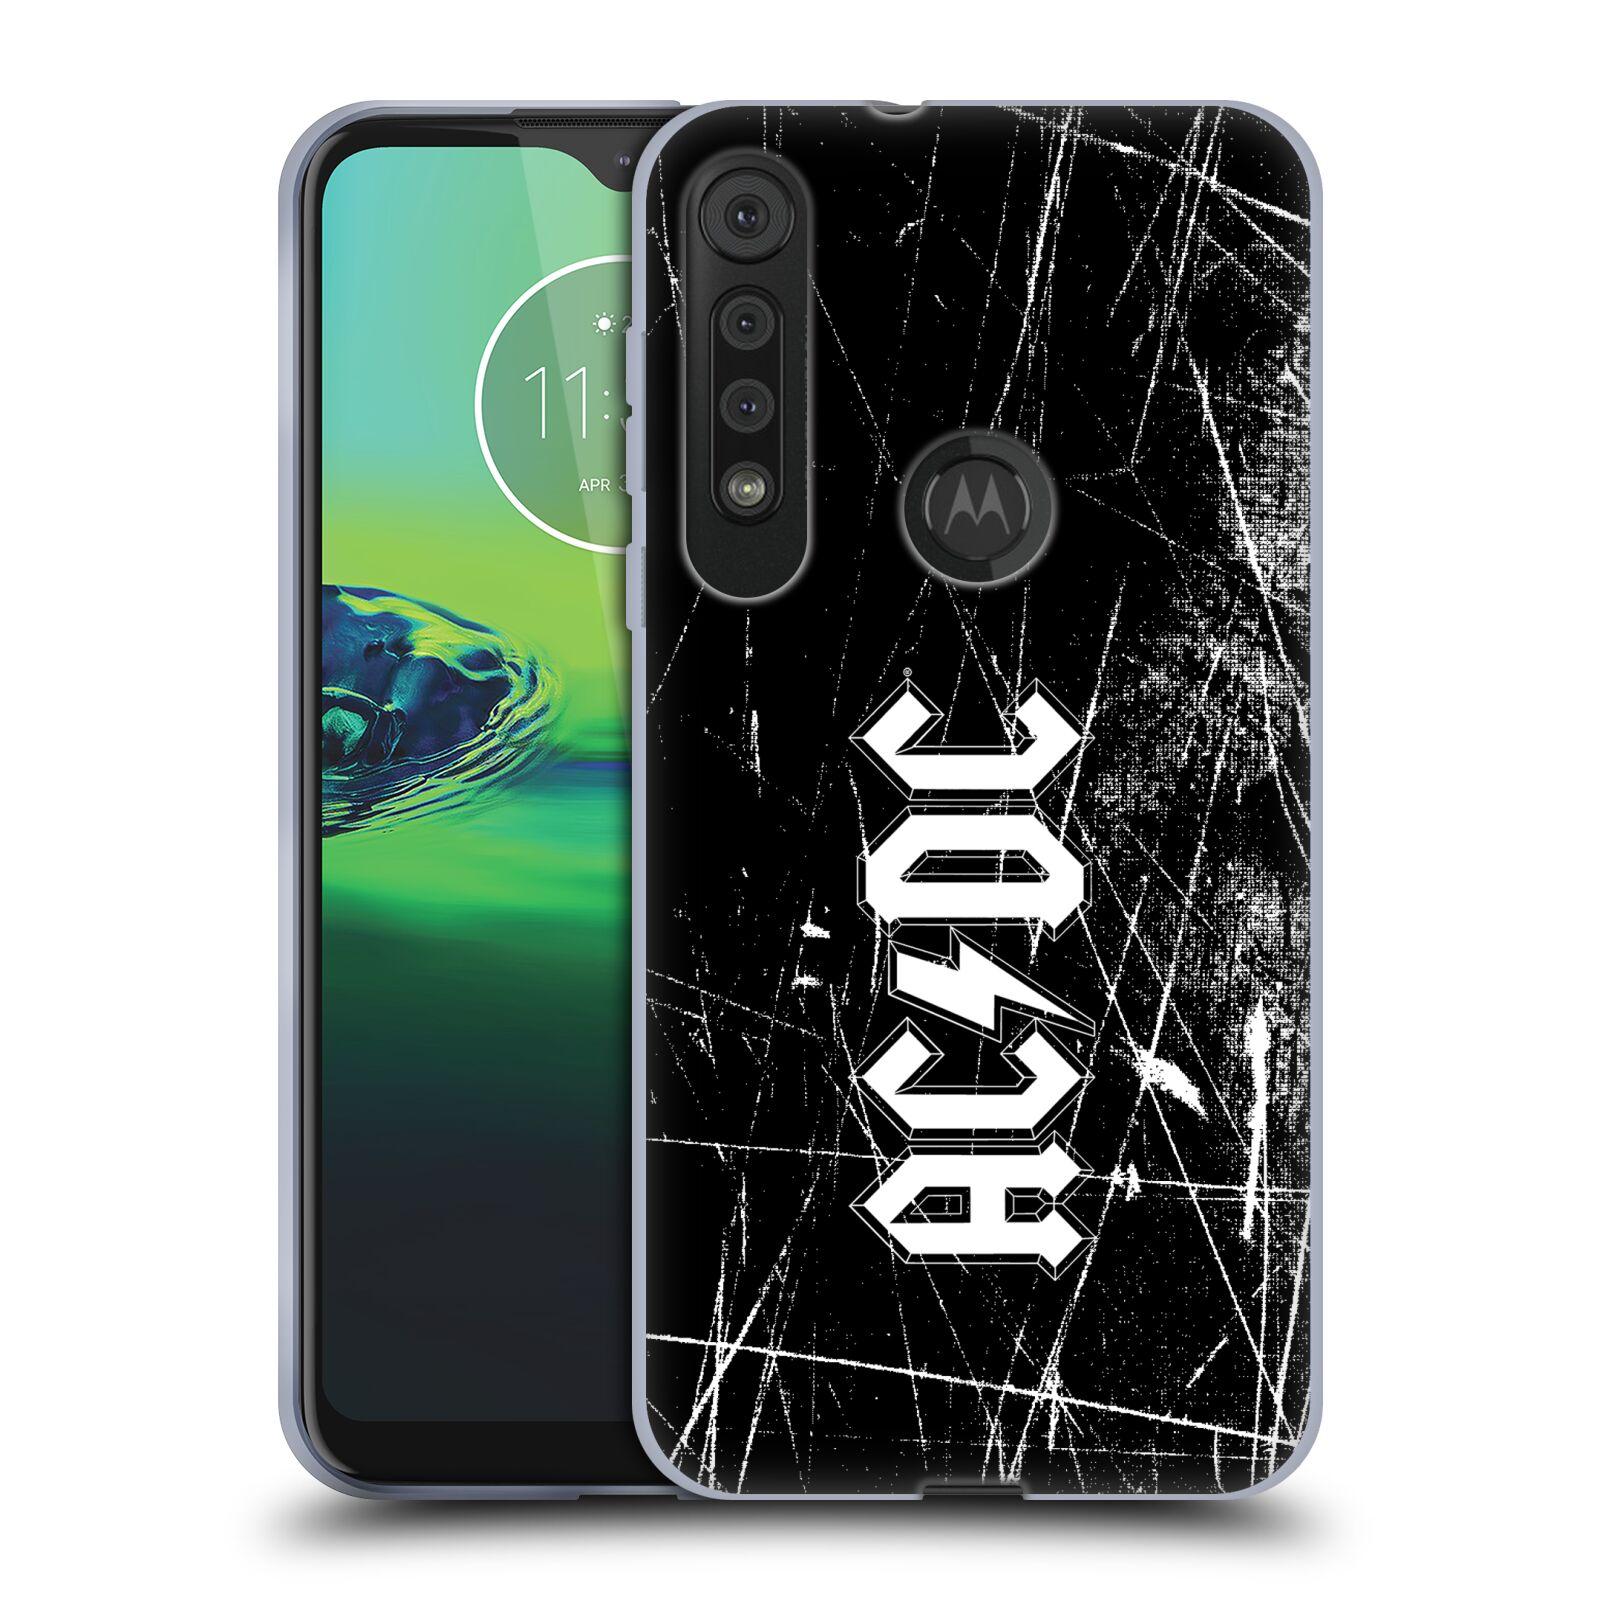 Silikonové pouzdro na mobil Motorola One Macro - Head Case - AC/DC Černobílé logo